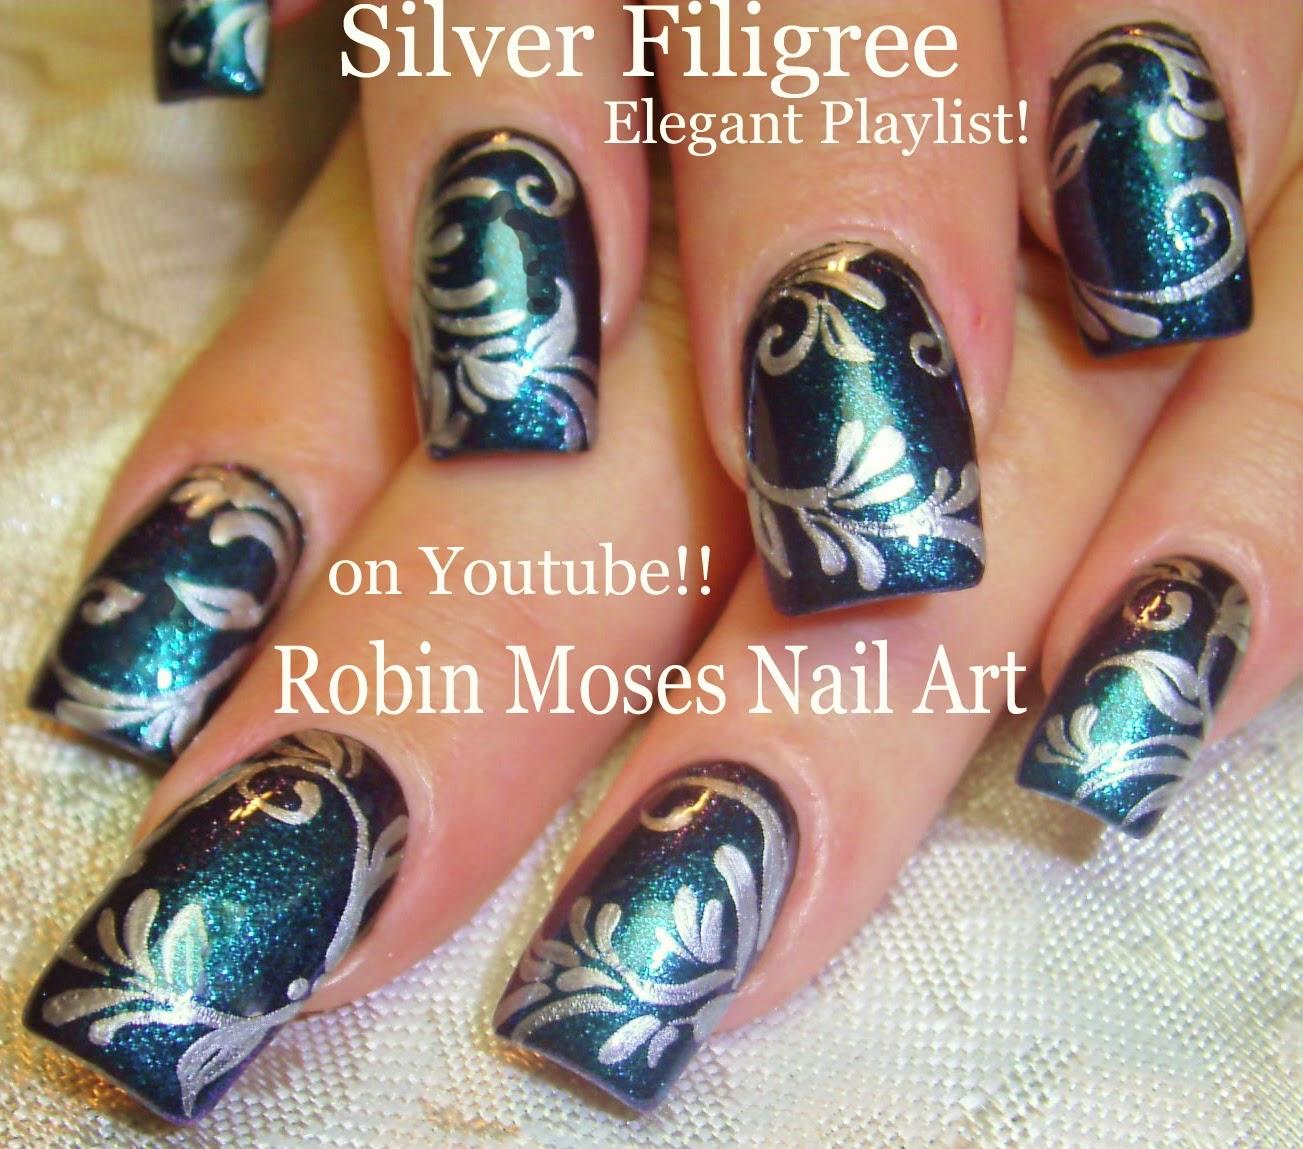 Nail Art Tutorials   Christmas Nail Art   DIY Xmas Nails   Easy Holiday Nail  Art for beginners and up!!! - Nail Art By Robin Moses: